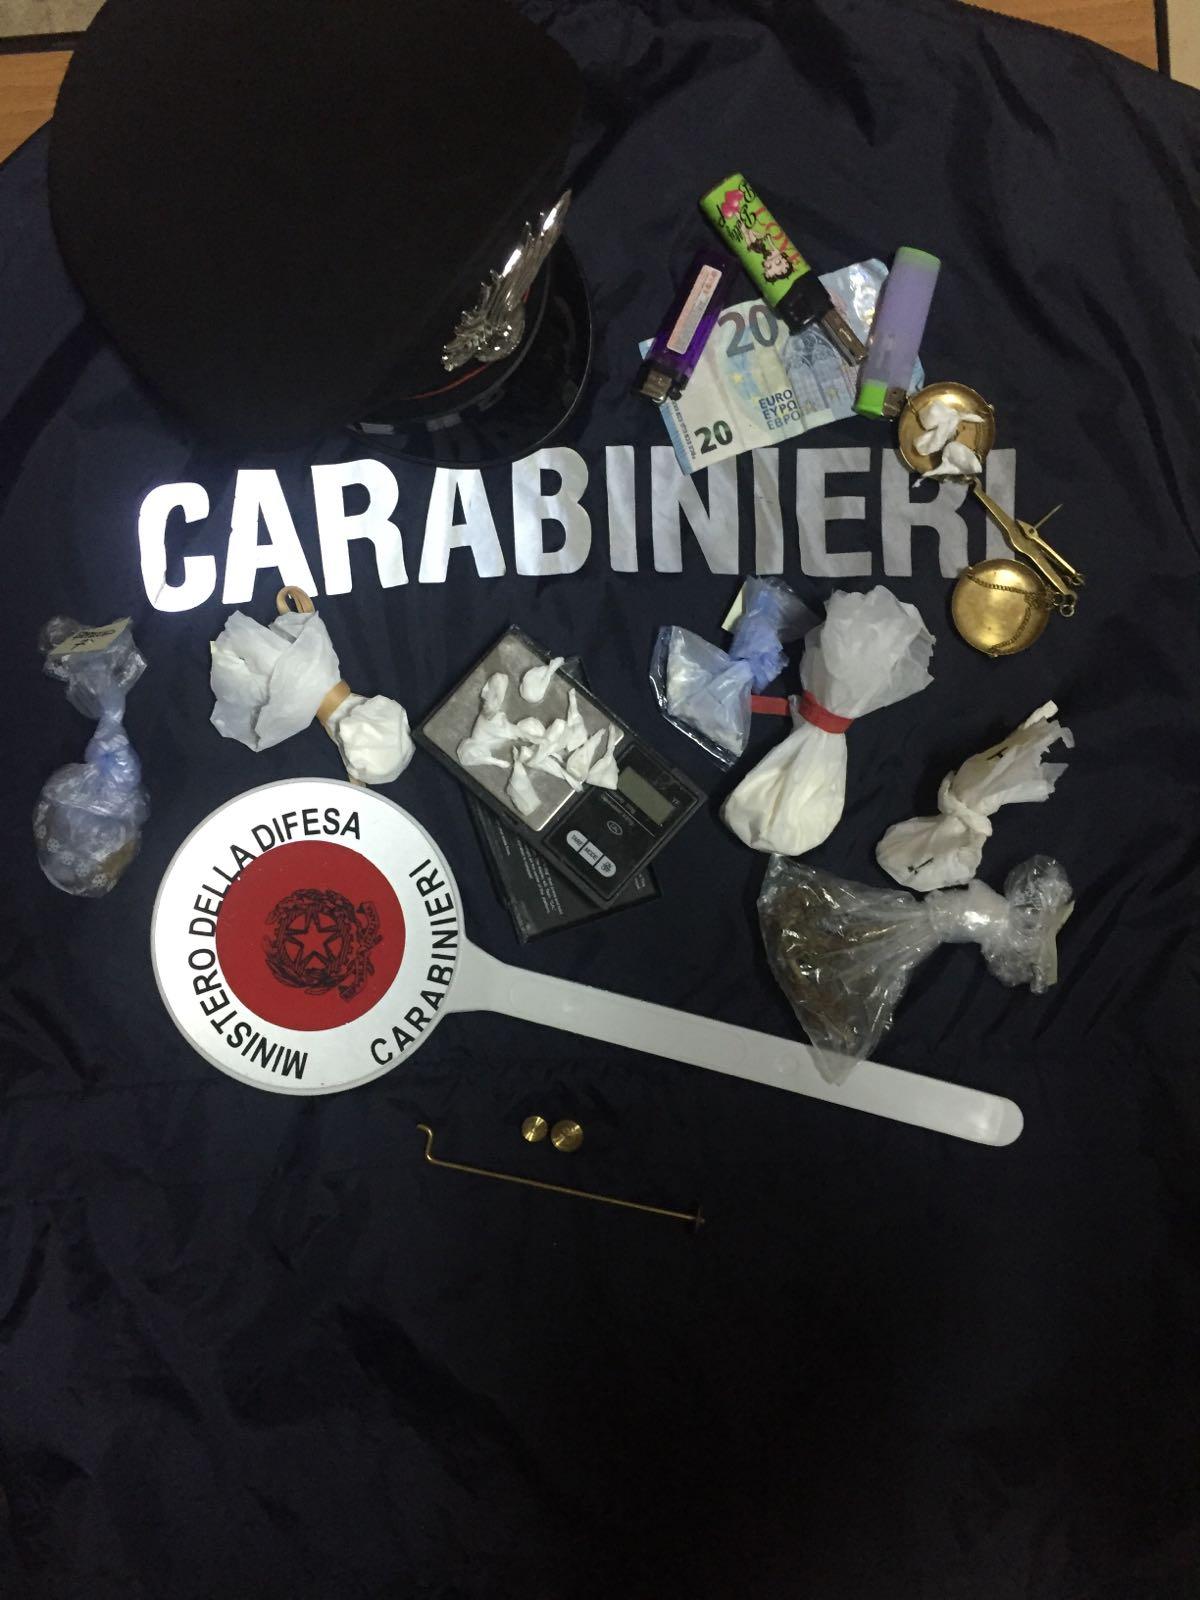 Nusco, controlli dei Carabinieri che sequestrano droghe e denunciano varie persone